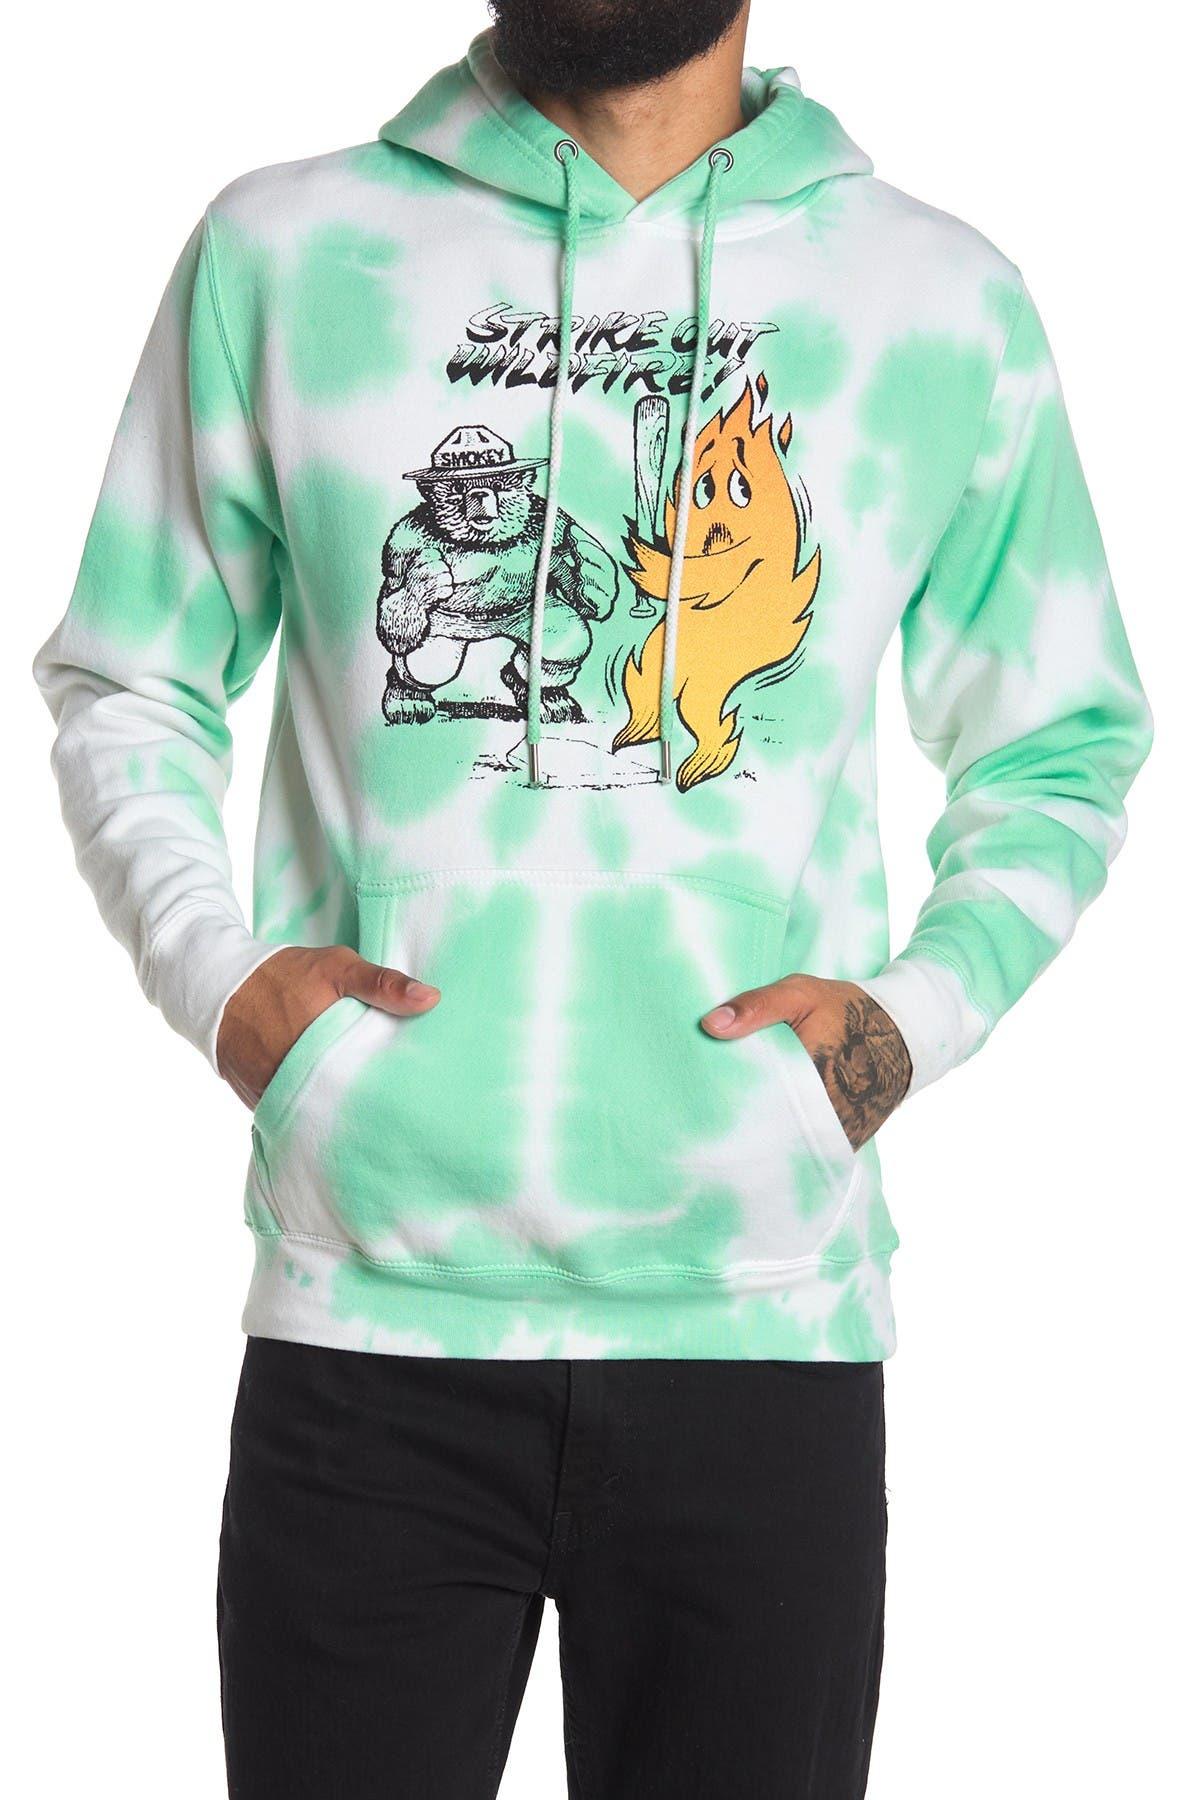 Image of Philcos Smokey Fire Graphic Tie Dye Drawstring Hoodie